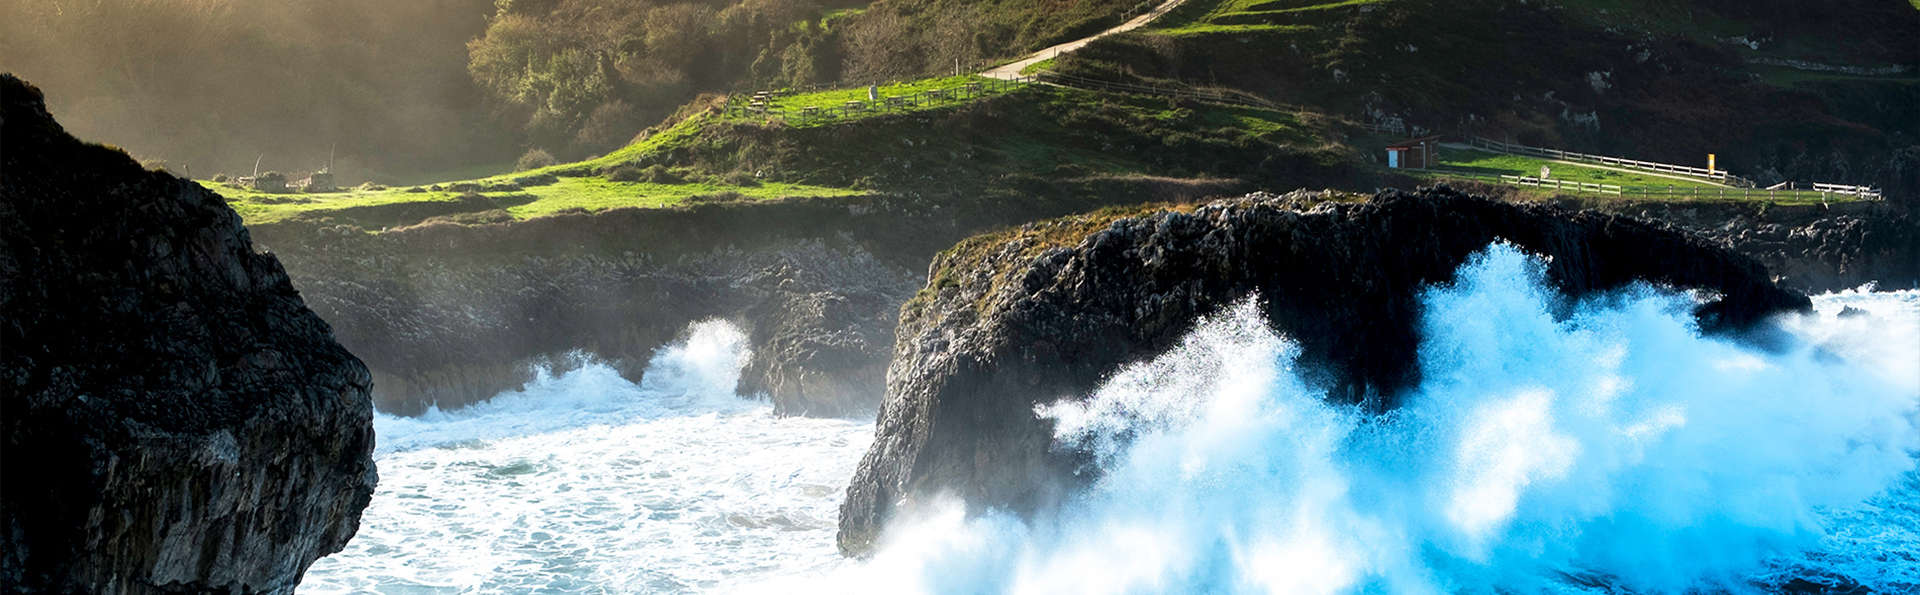 Escapada en Llanes entre los Bufones de Arenillas y la roca Ídolo de Peña Tú